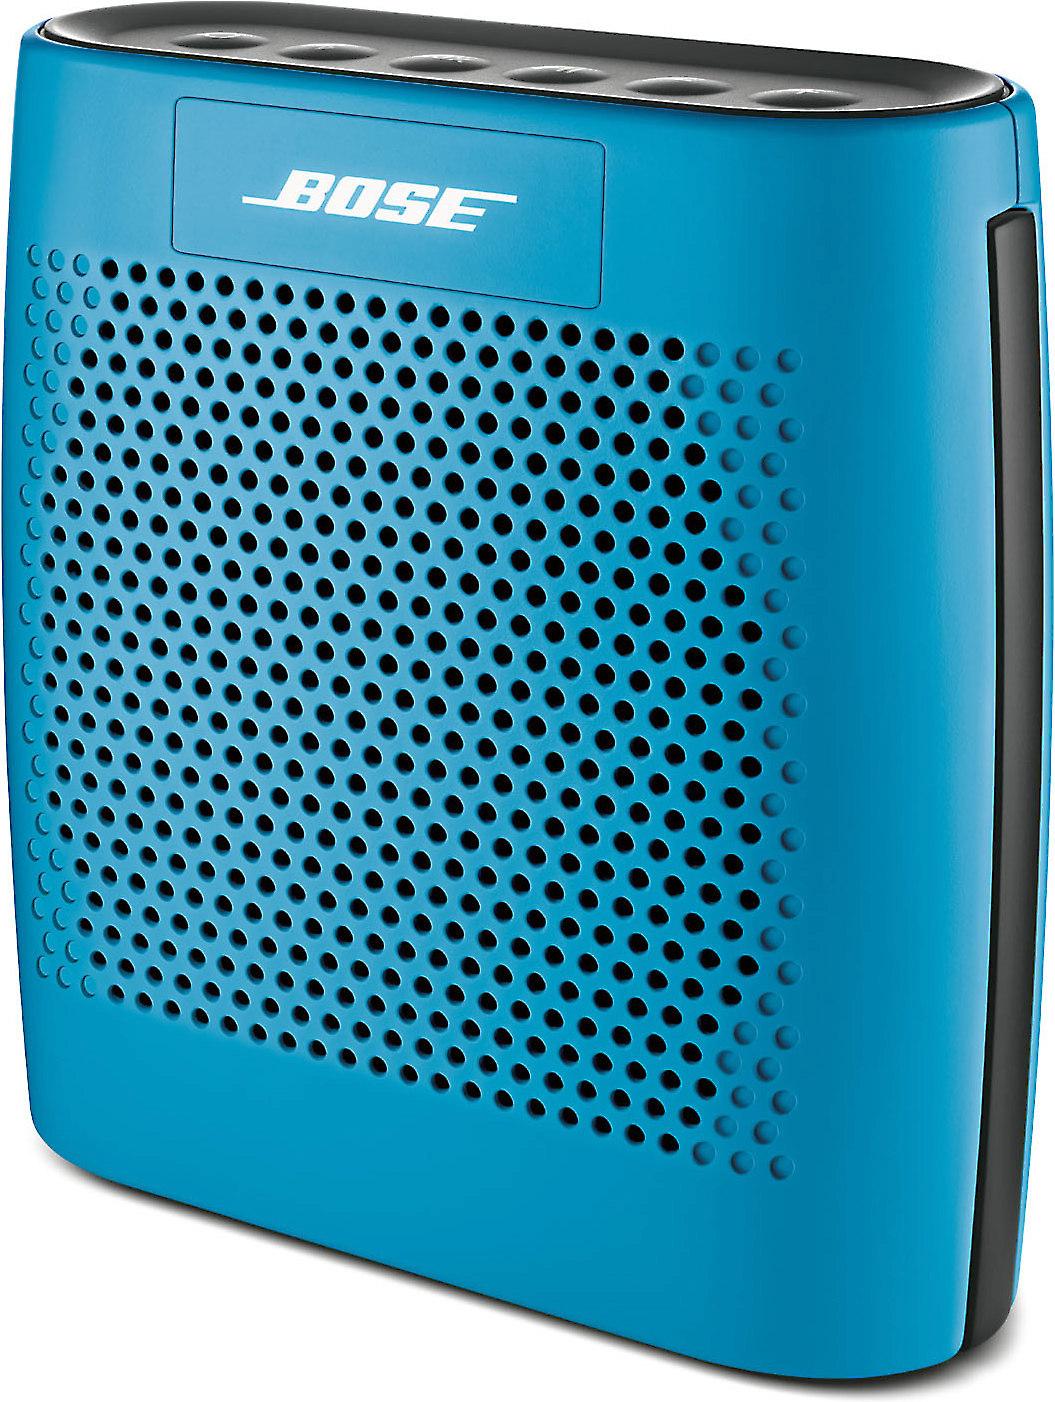 Bose® SoundLink® Color Bluetooth® speaker (Blue)